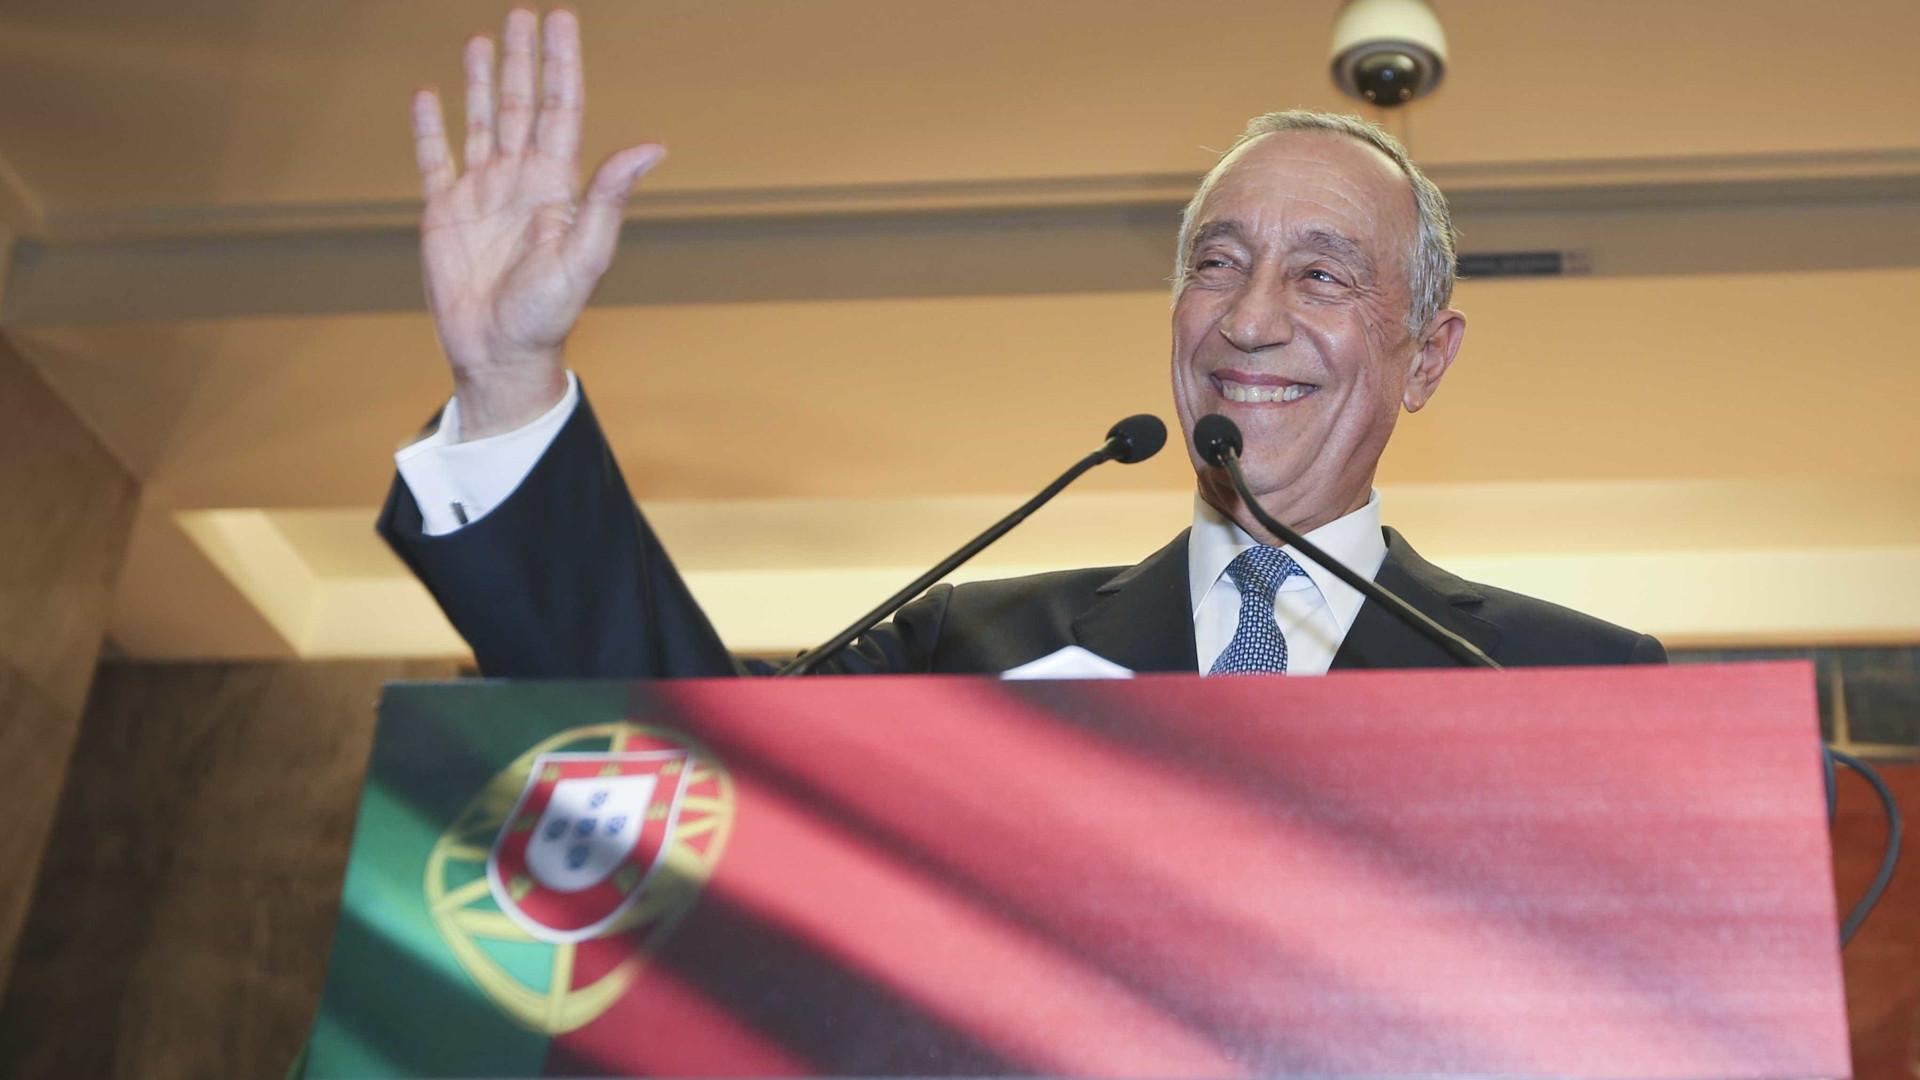 Marcelo felicita rei de Espanha pelos 40 anos da Constituição